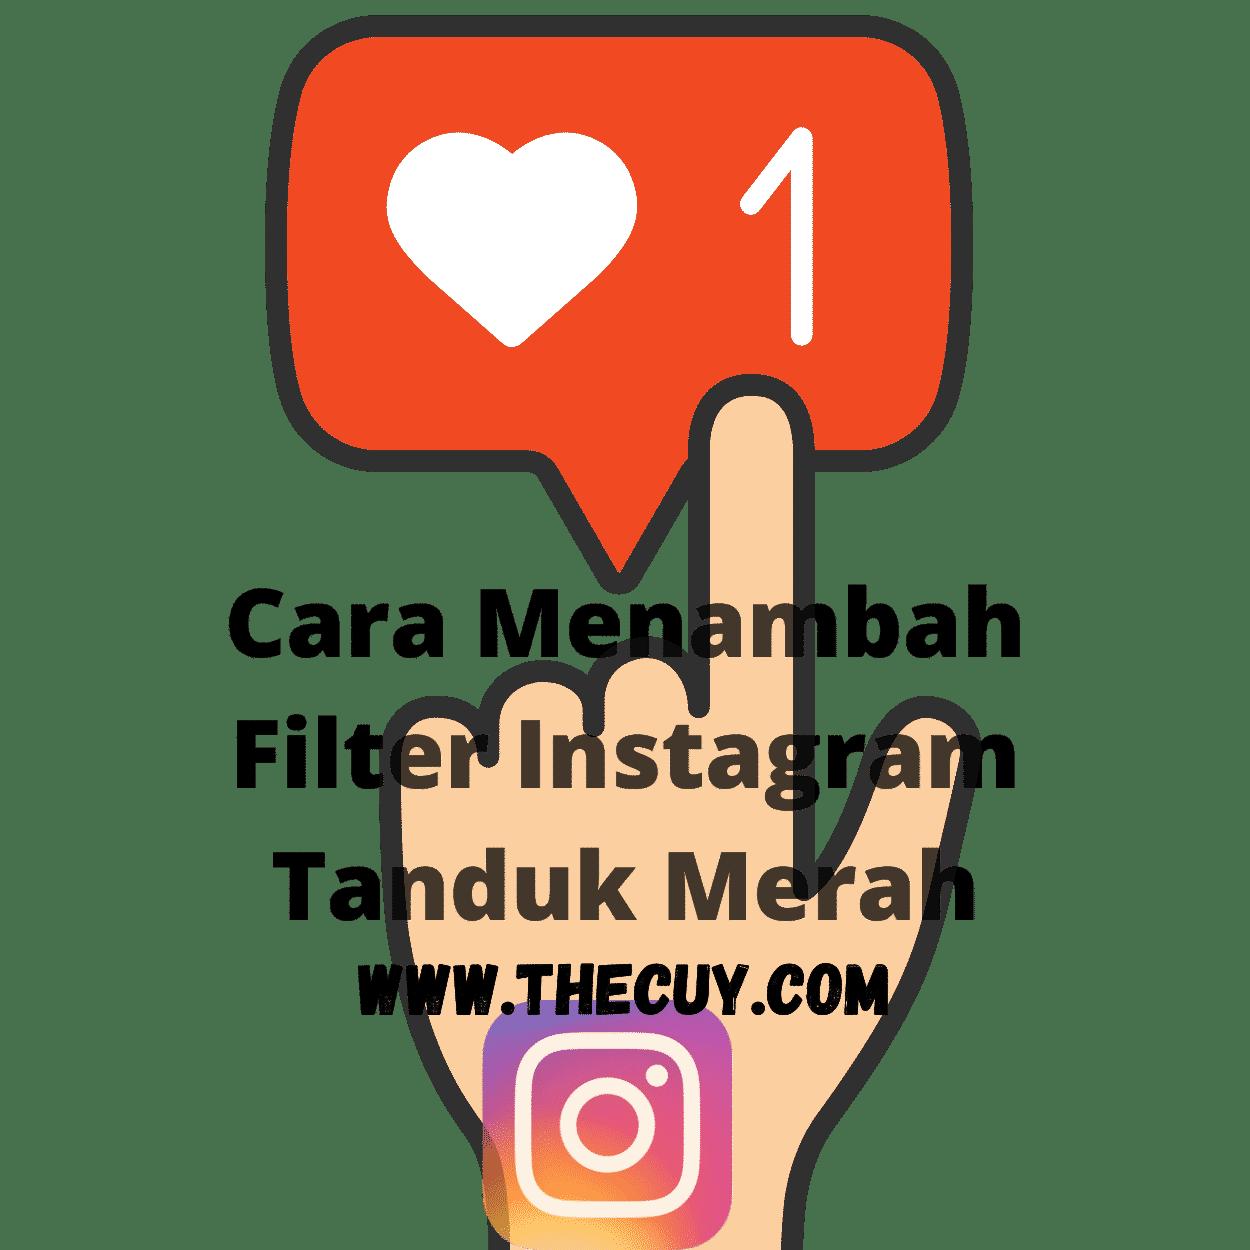 Cara Menambah Filter Instagram Tanduk Merah